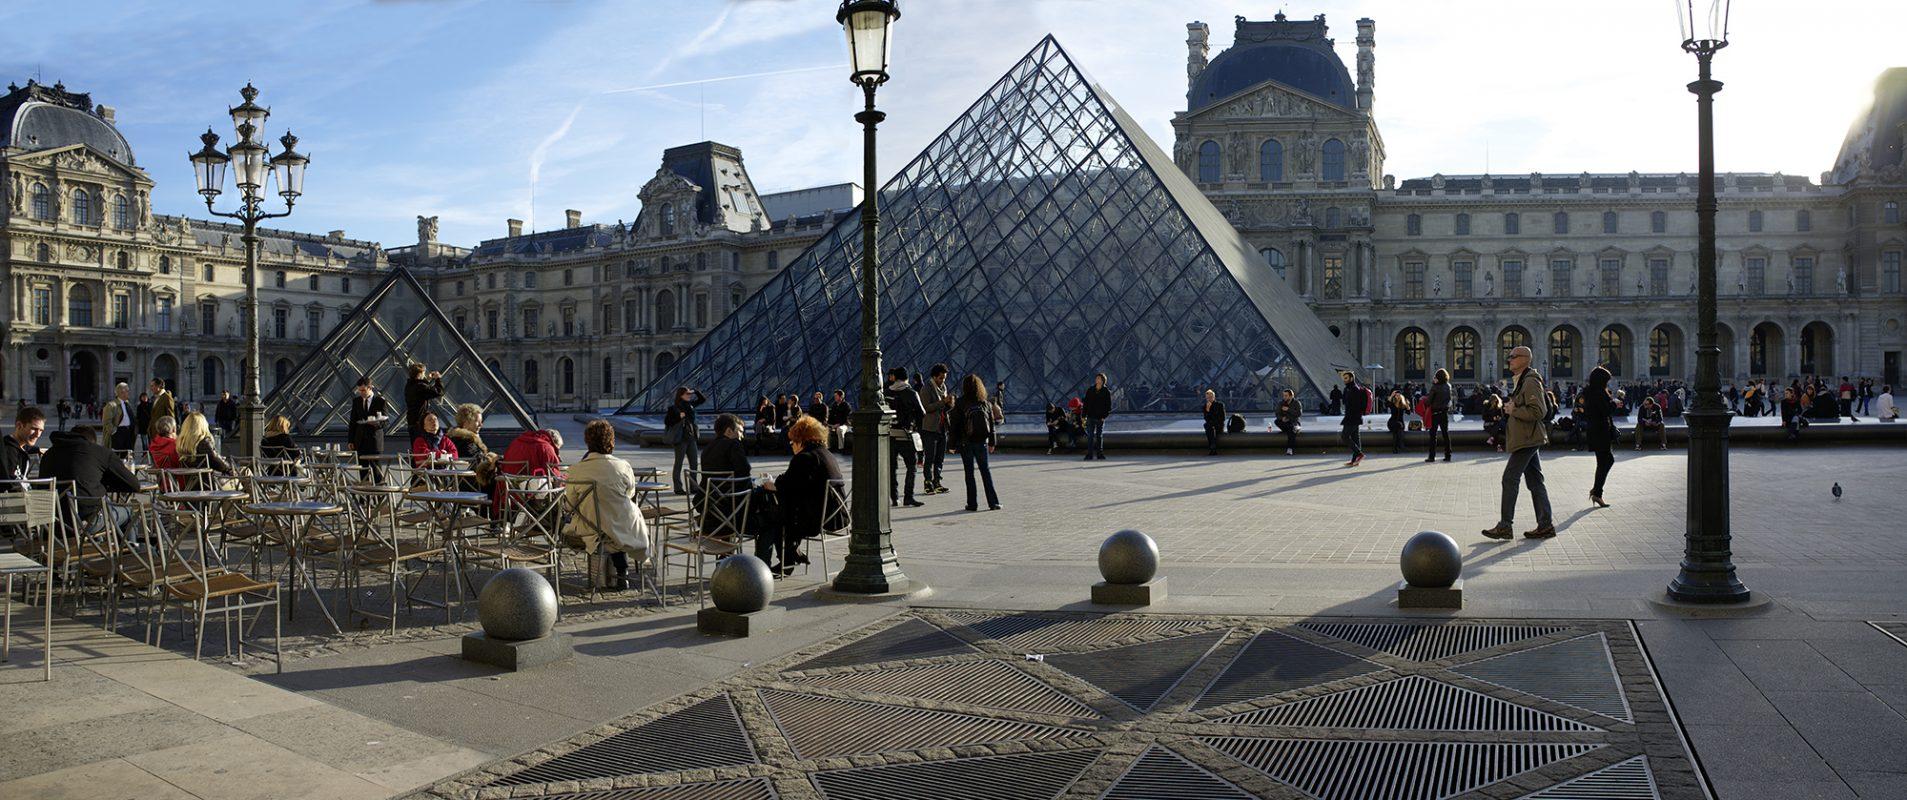 Musée de Louvre, Vorplatz, Café